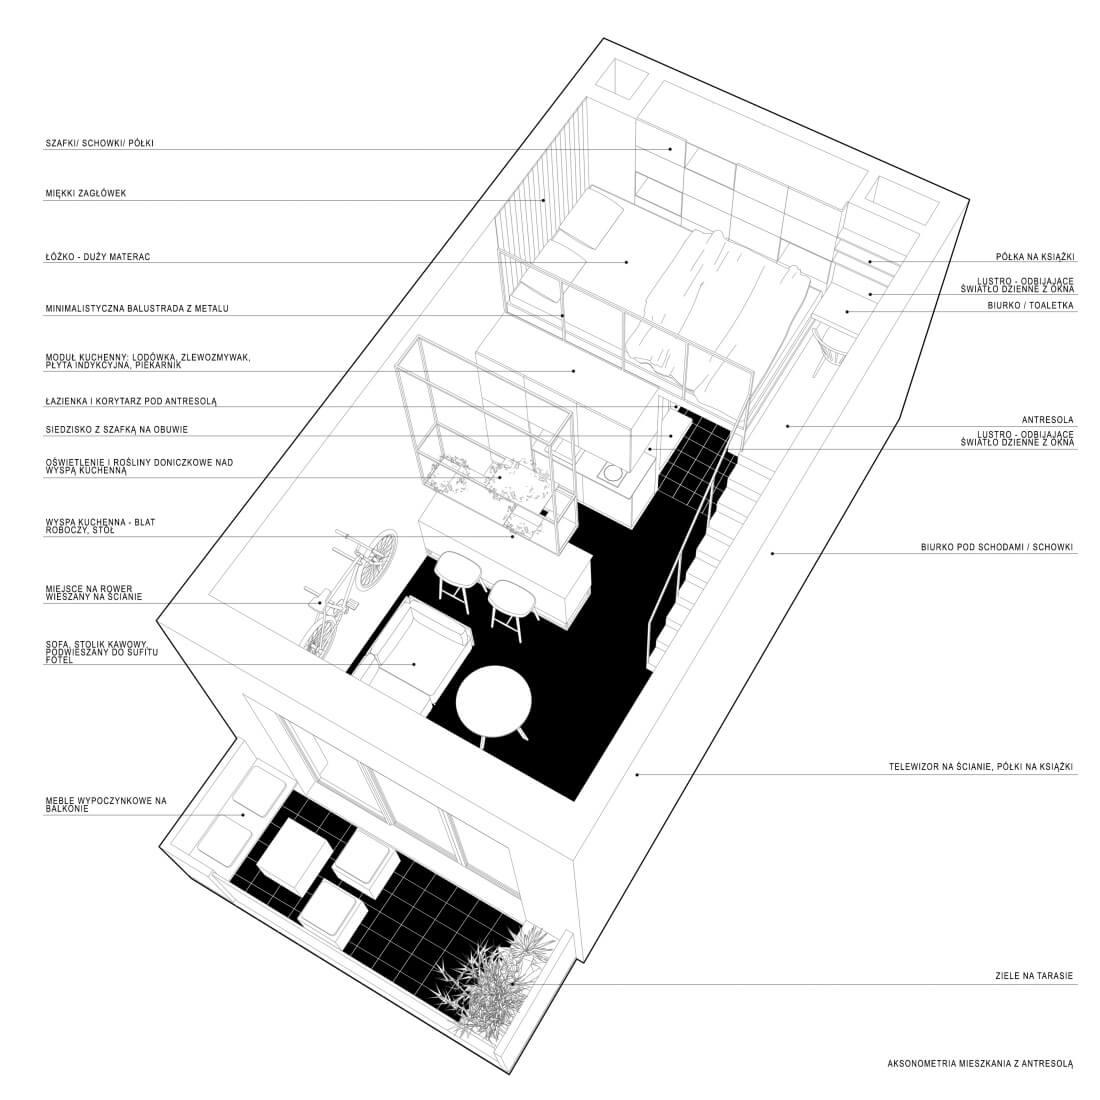 Aksonometria Mikro Mieszkania